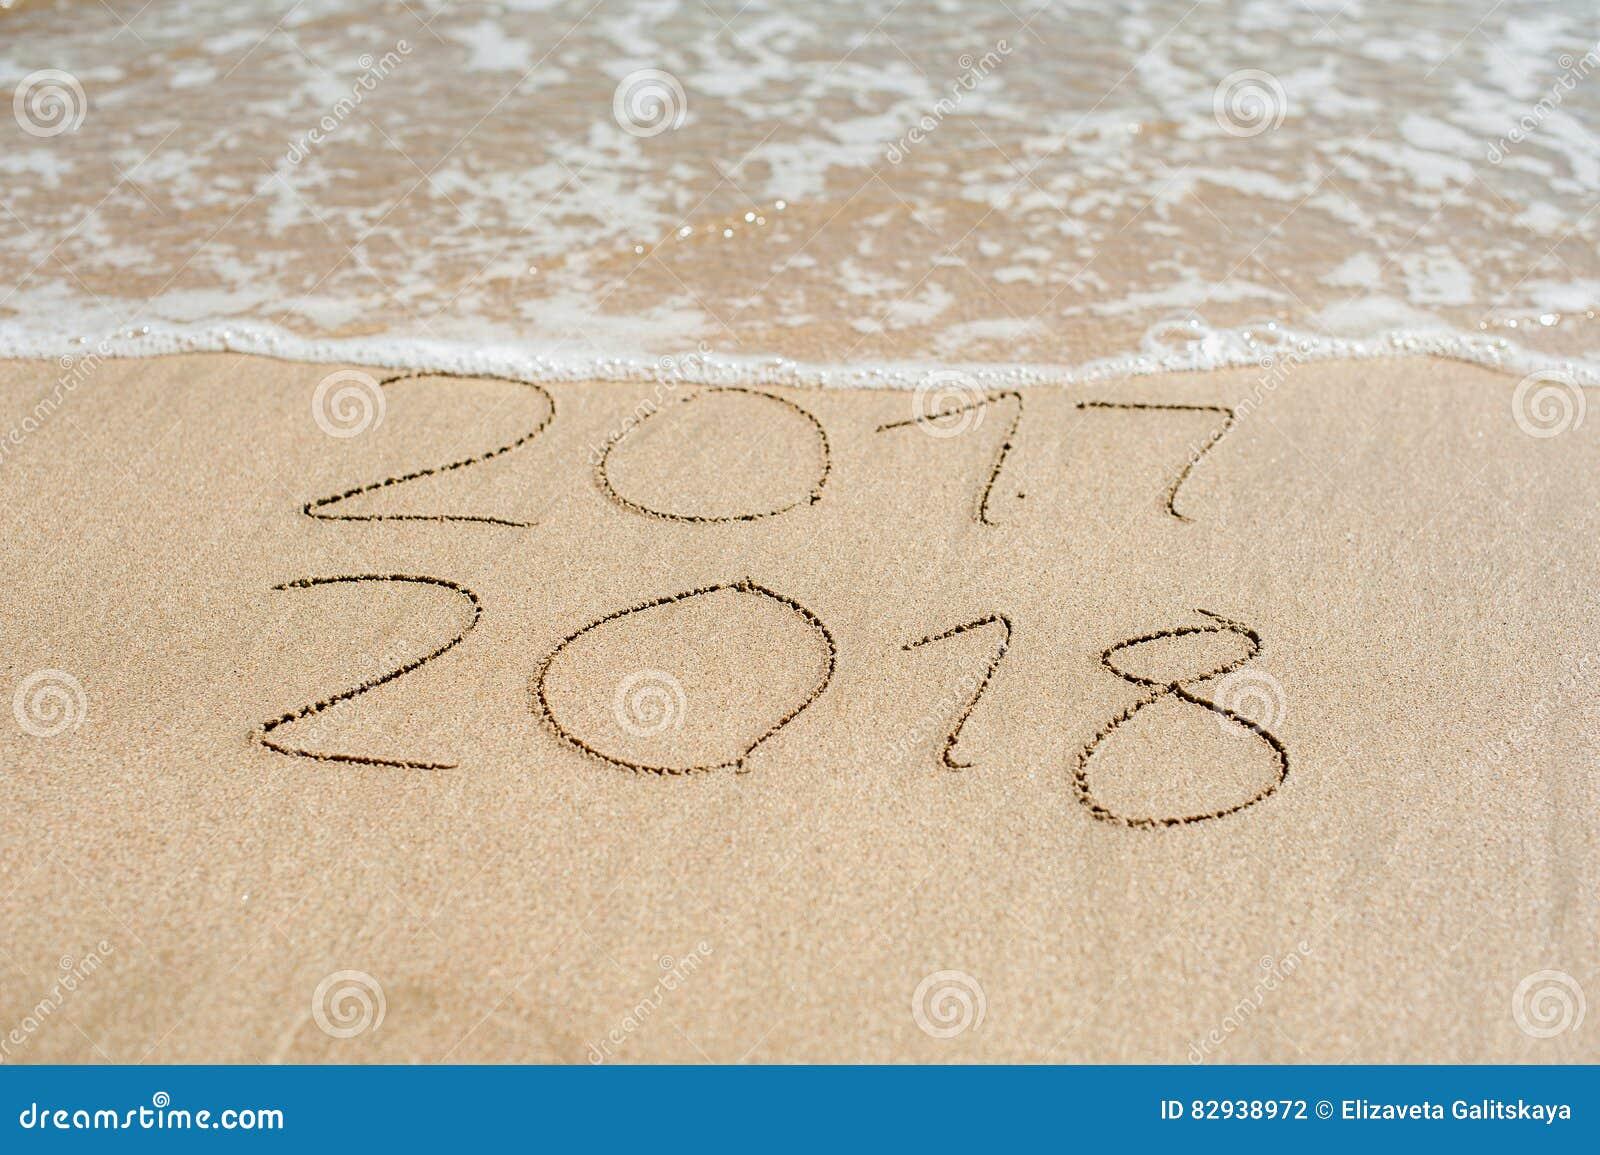 Новый Год 2018 приходя концепция - надпись 2017 и 2018 на песке пляжа, волна почти покрывает числа 2017